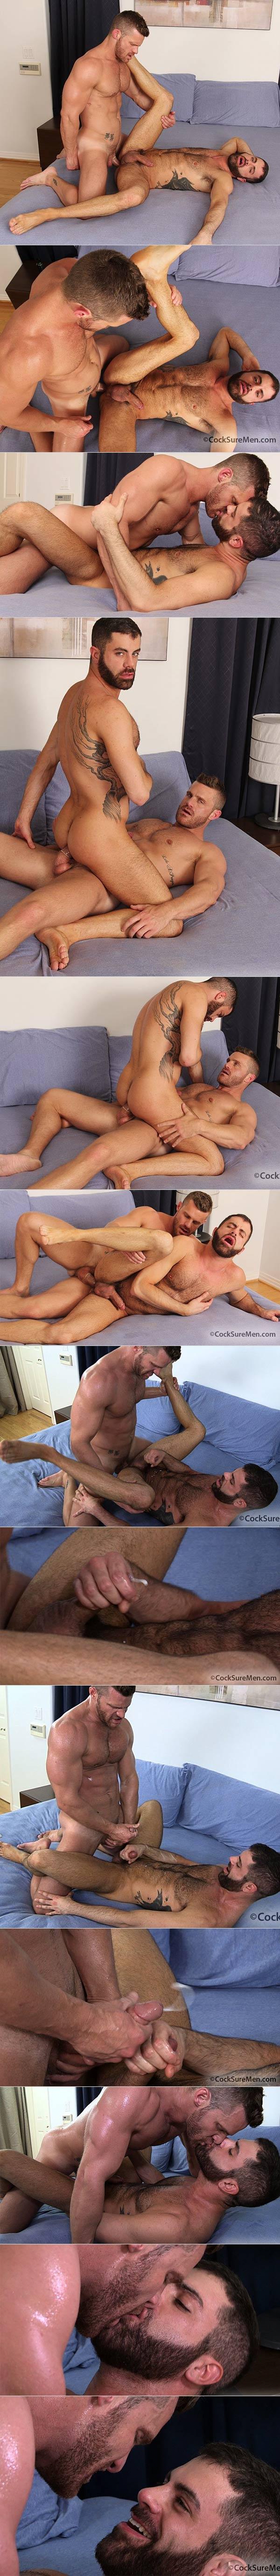 Landon Conrad & Marcus Isaacs at CocksureMen.com